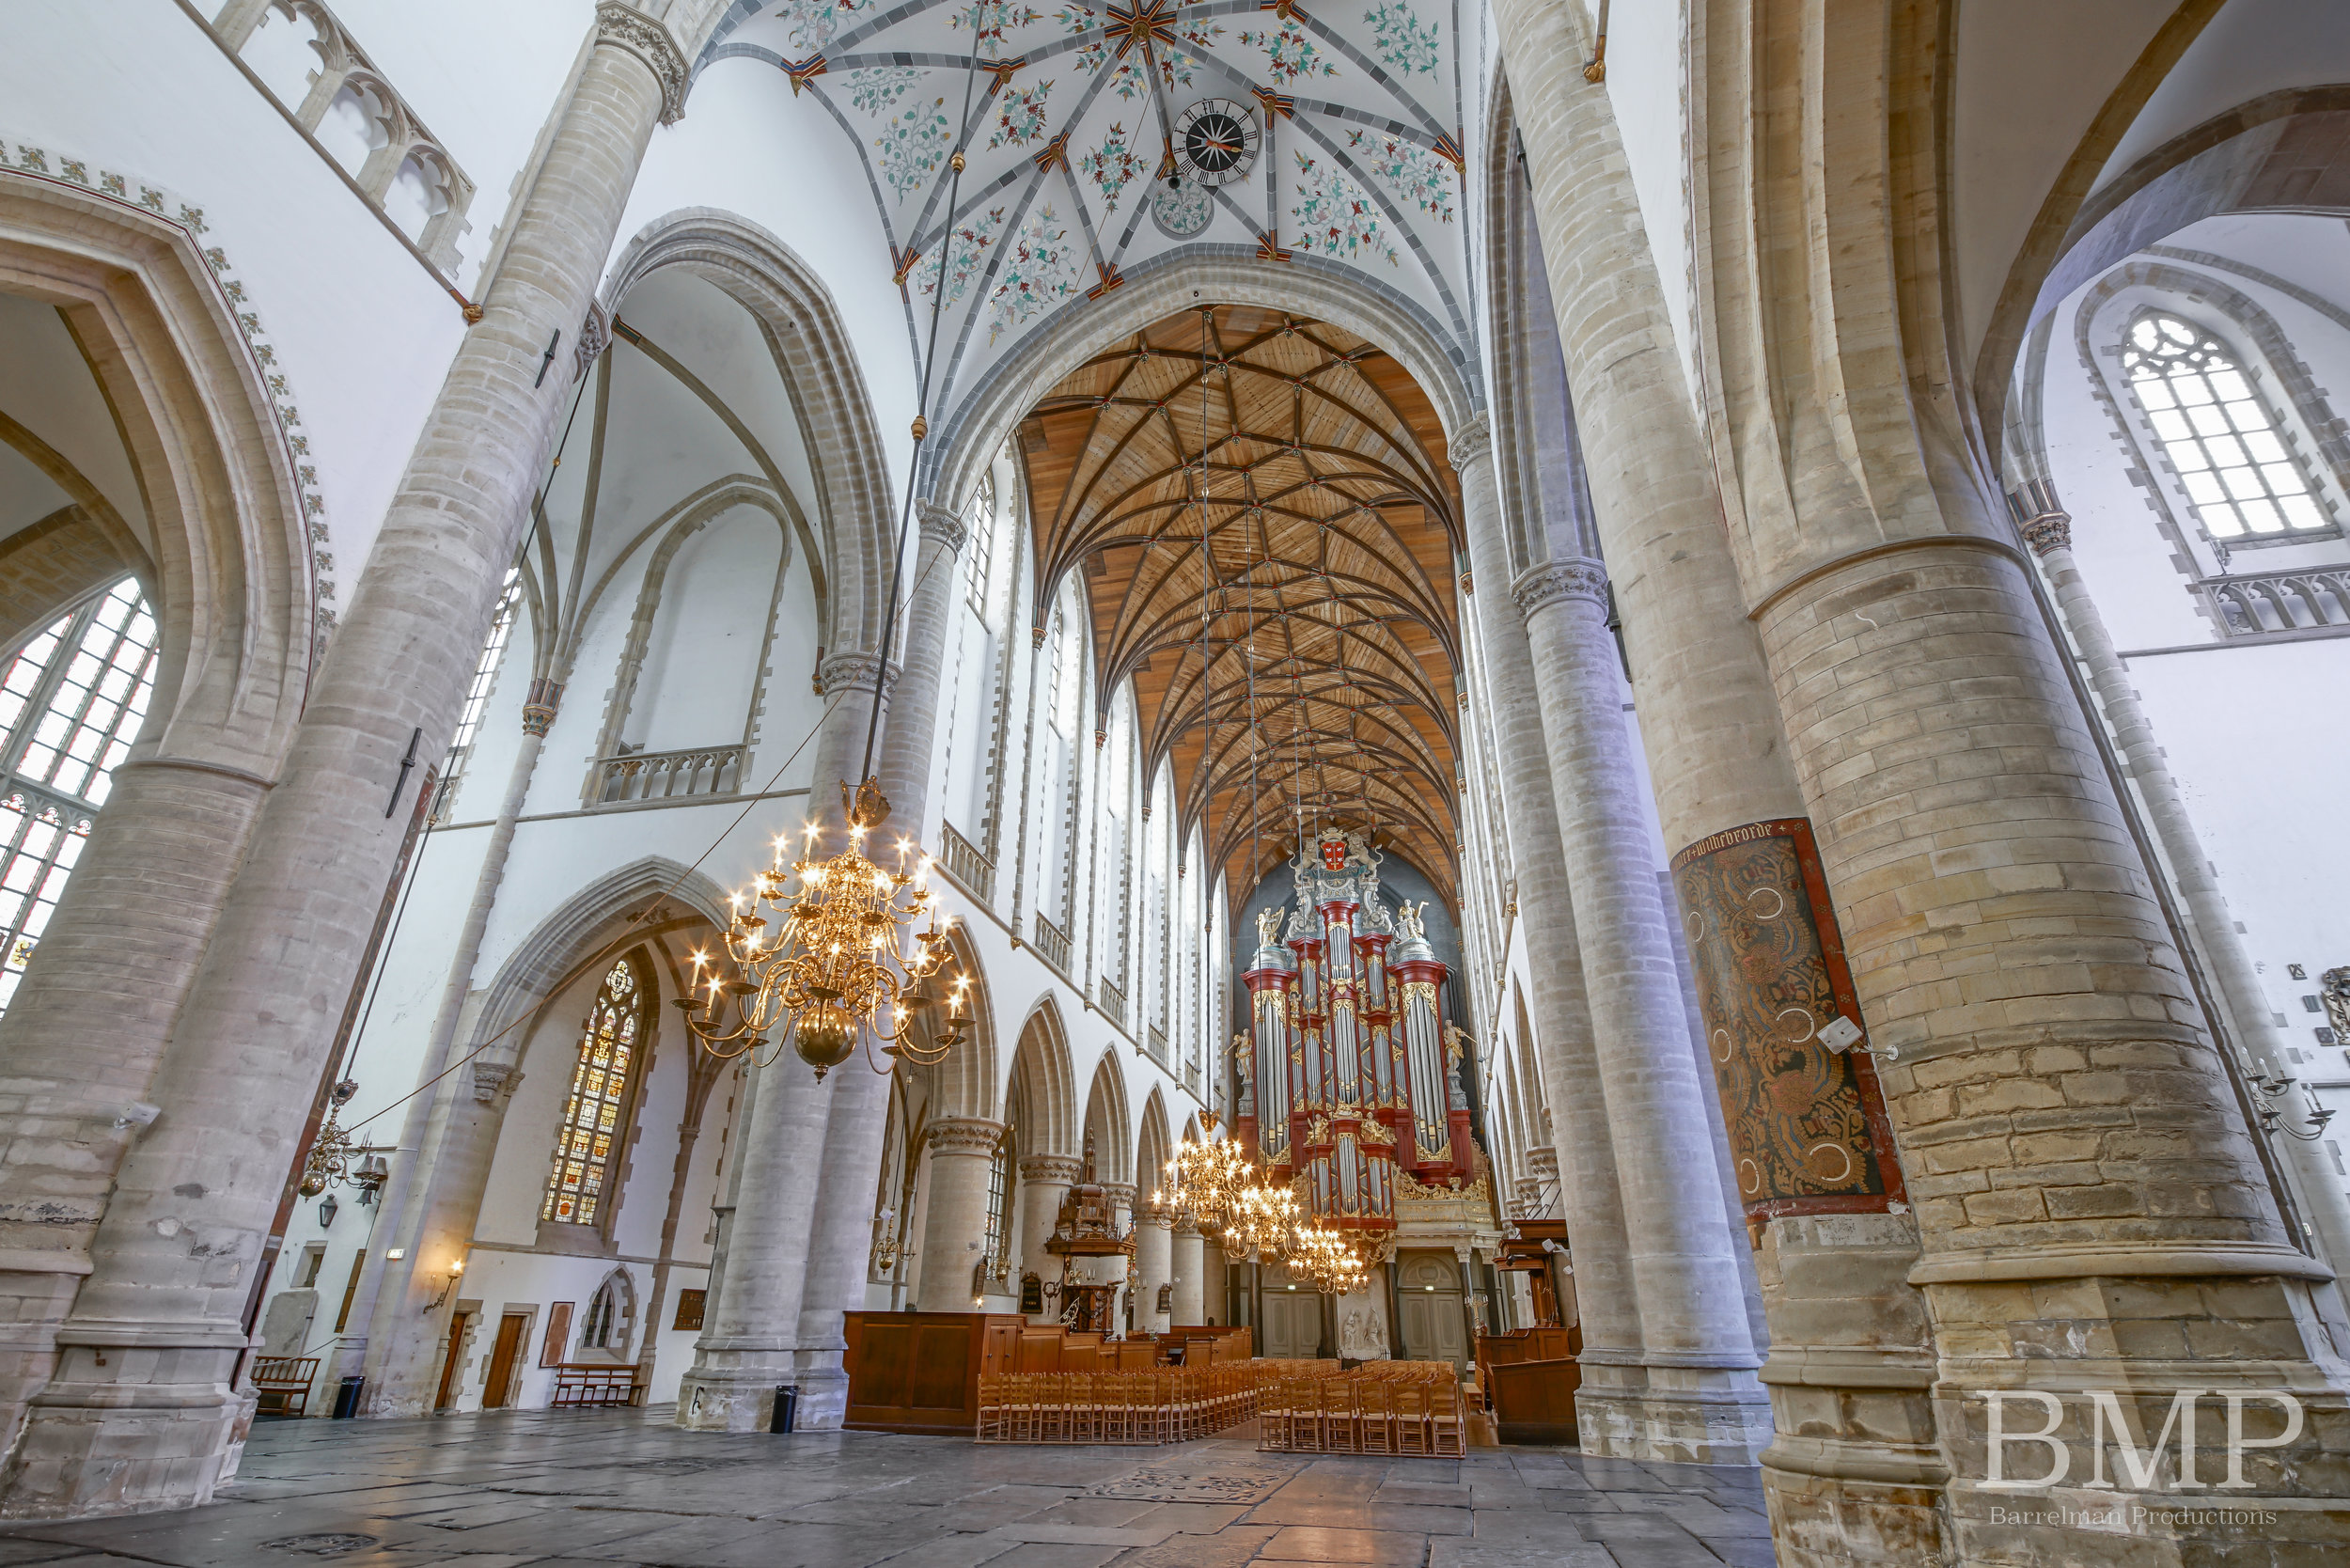 BMP-19.Grote.Kerk.Haarlem-1.jpg